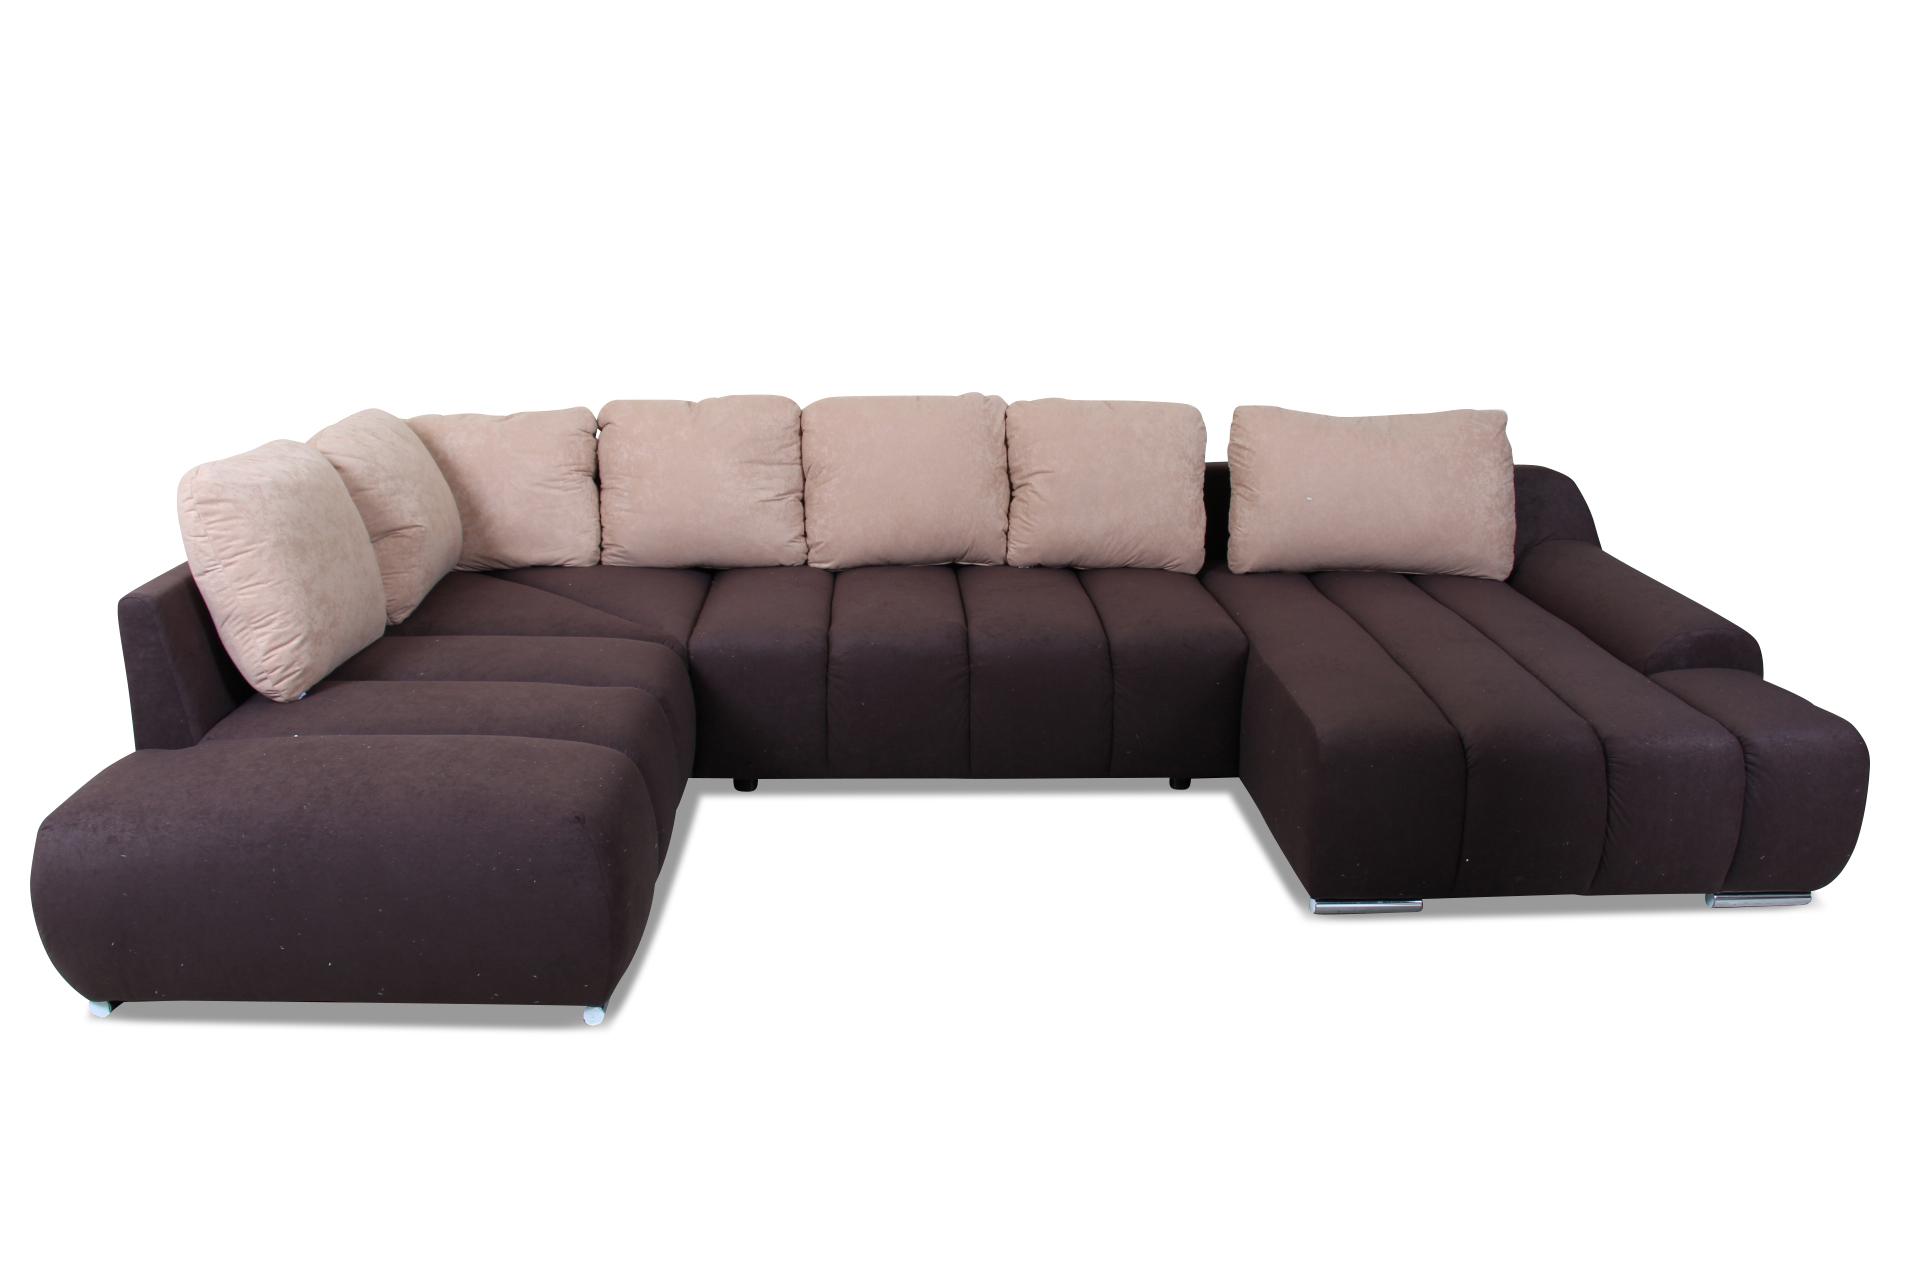 wohnlandschaft mit schlaffunktion braun mit federkern sofas zum halben preis. Black Bedroom Furniture Sets. Home Design Ideas